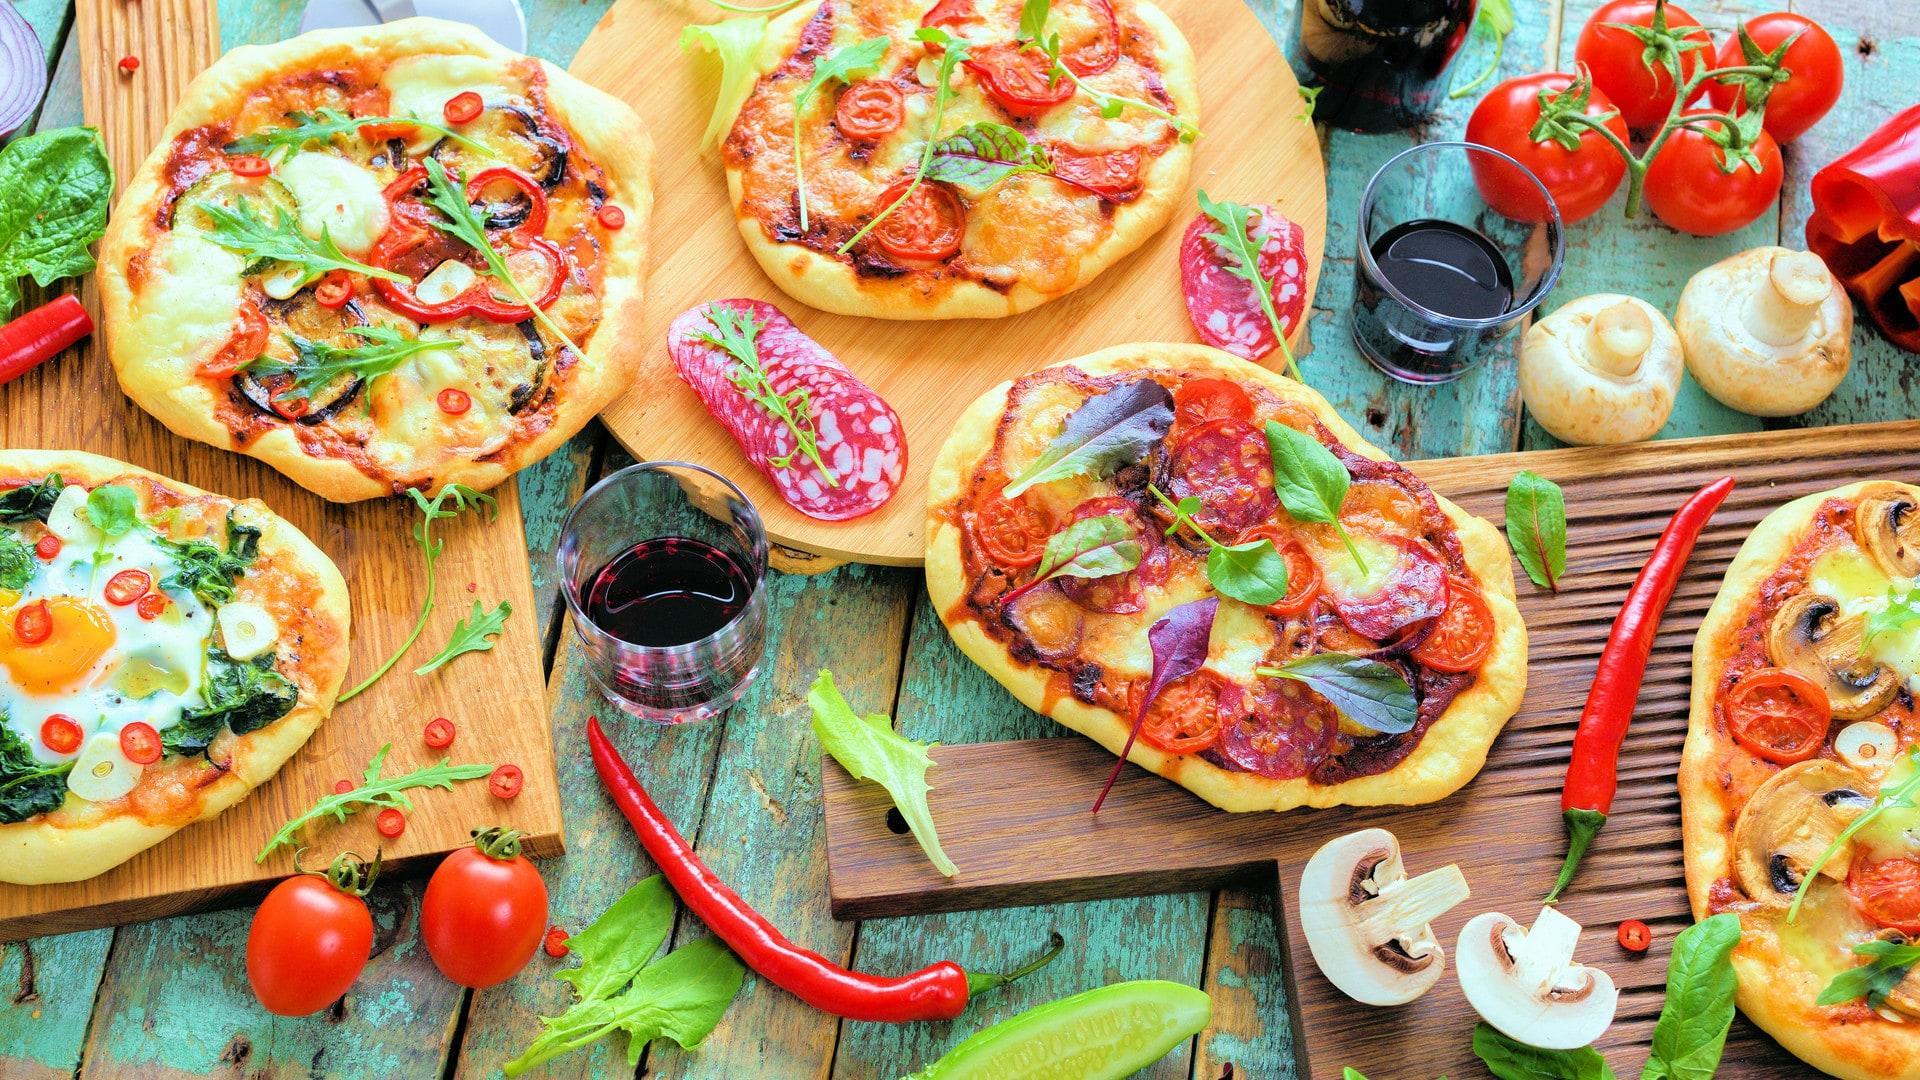 出張ケータリング屋台イタリアンバーベキュー鉄板焼き料理プラン #5